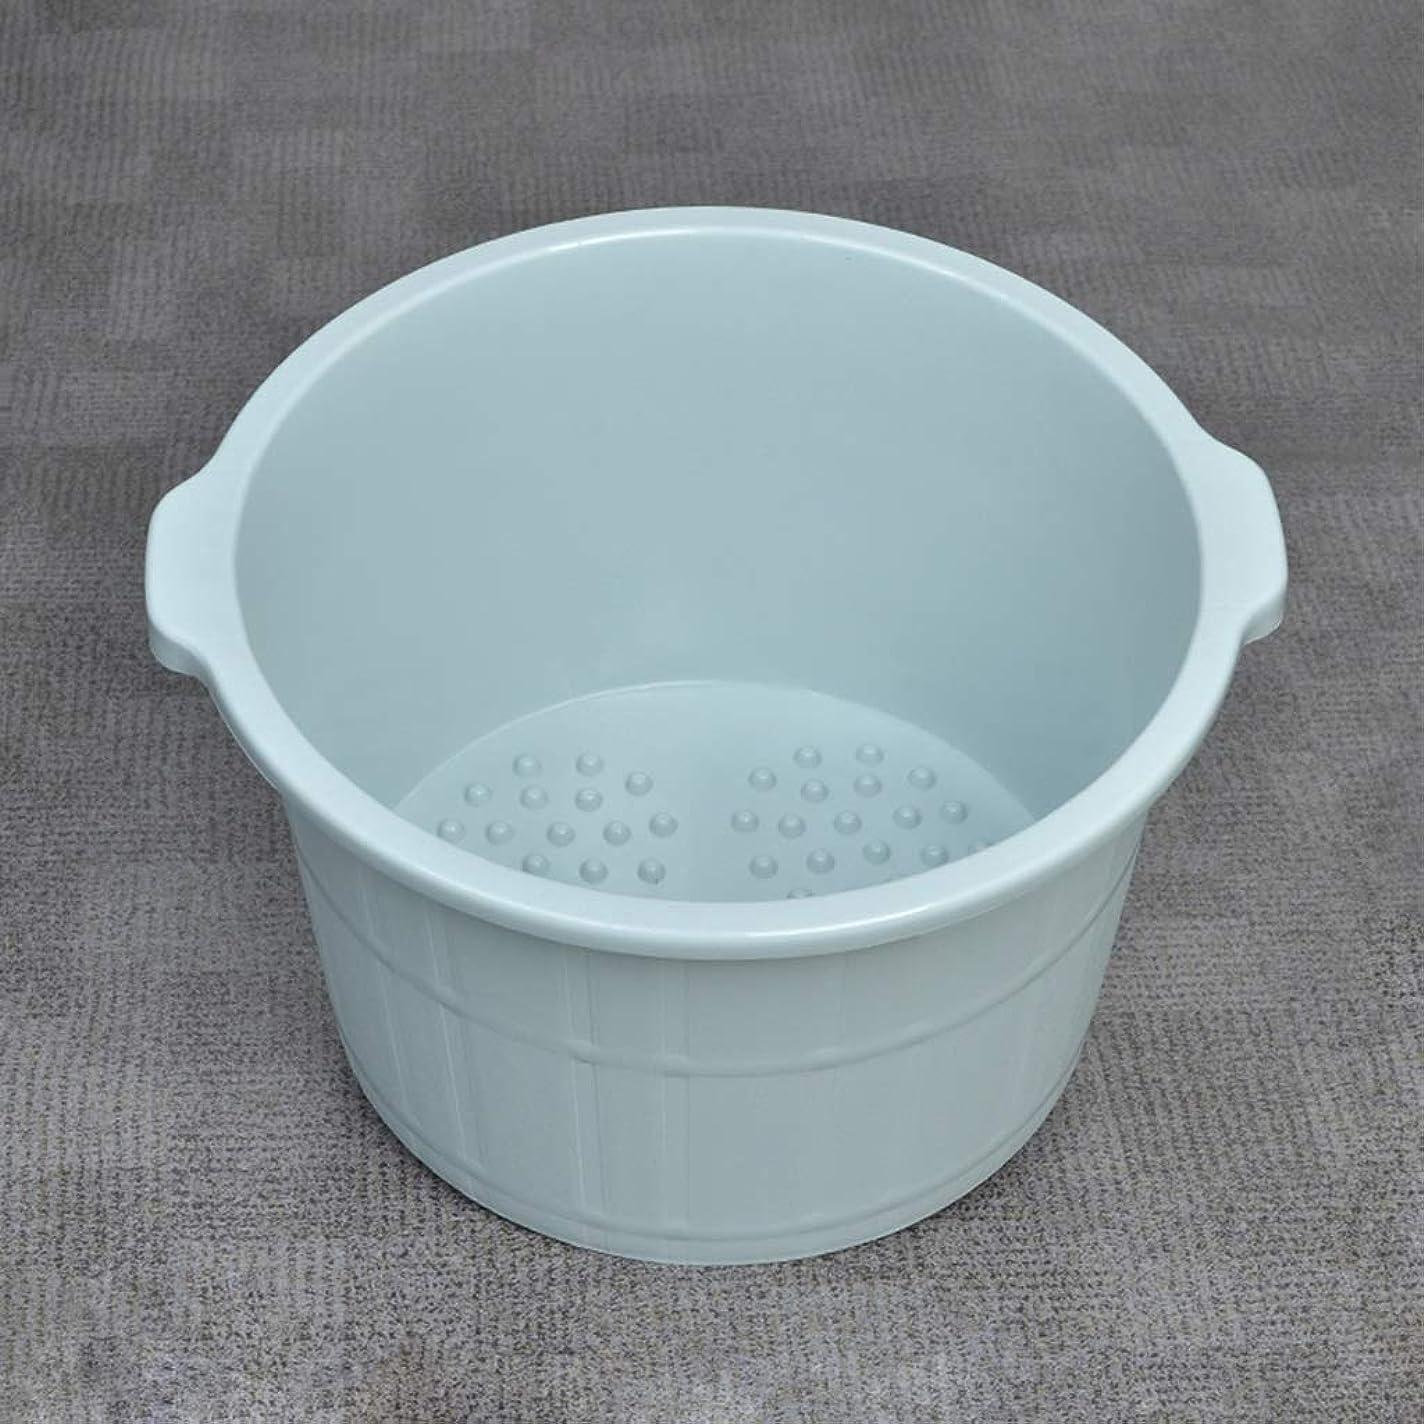 プライバシー物語ブラジャーフットバスバレル- 高めのマッサージ浴槽厚い丈夫な足湯バケツ足洗濯バレルソーク足首世帯 Uak2d XM1209-9-23-10 (Color : Blue)